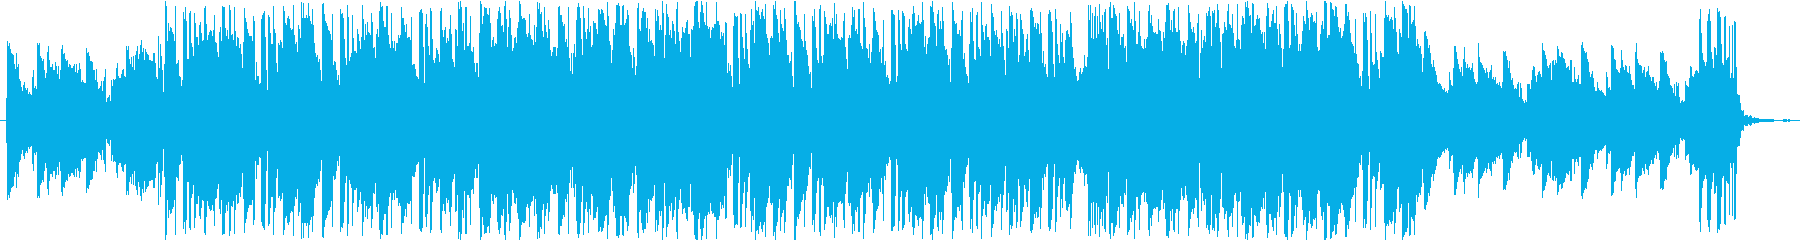 まったりとした浮遊感のあるLoFi曲の再生済みの波形